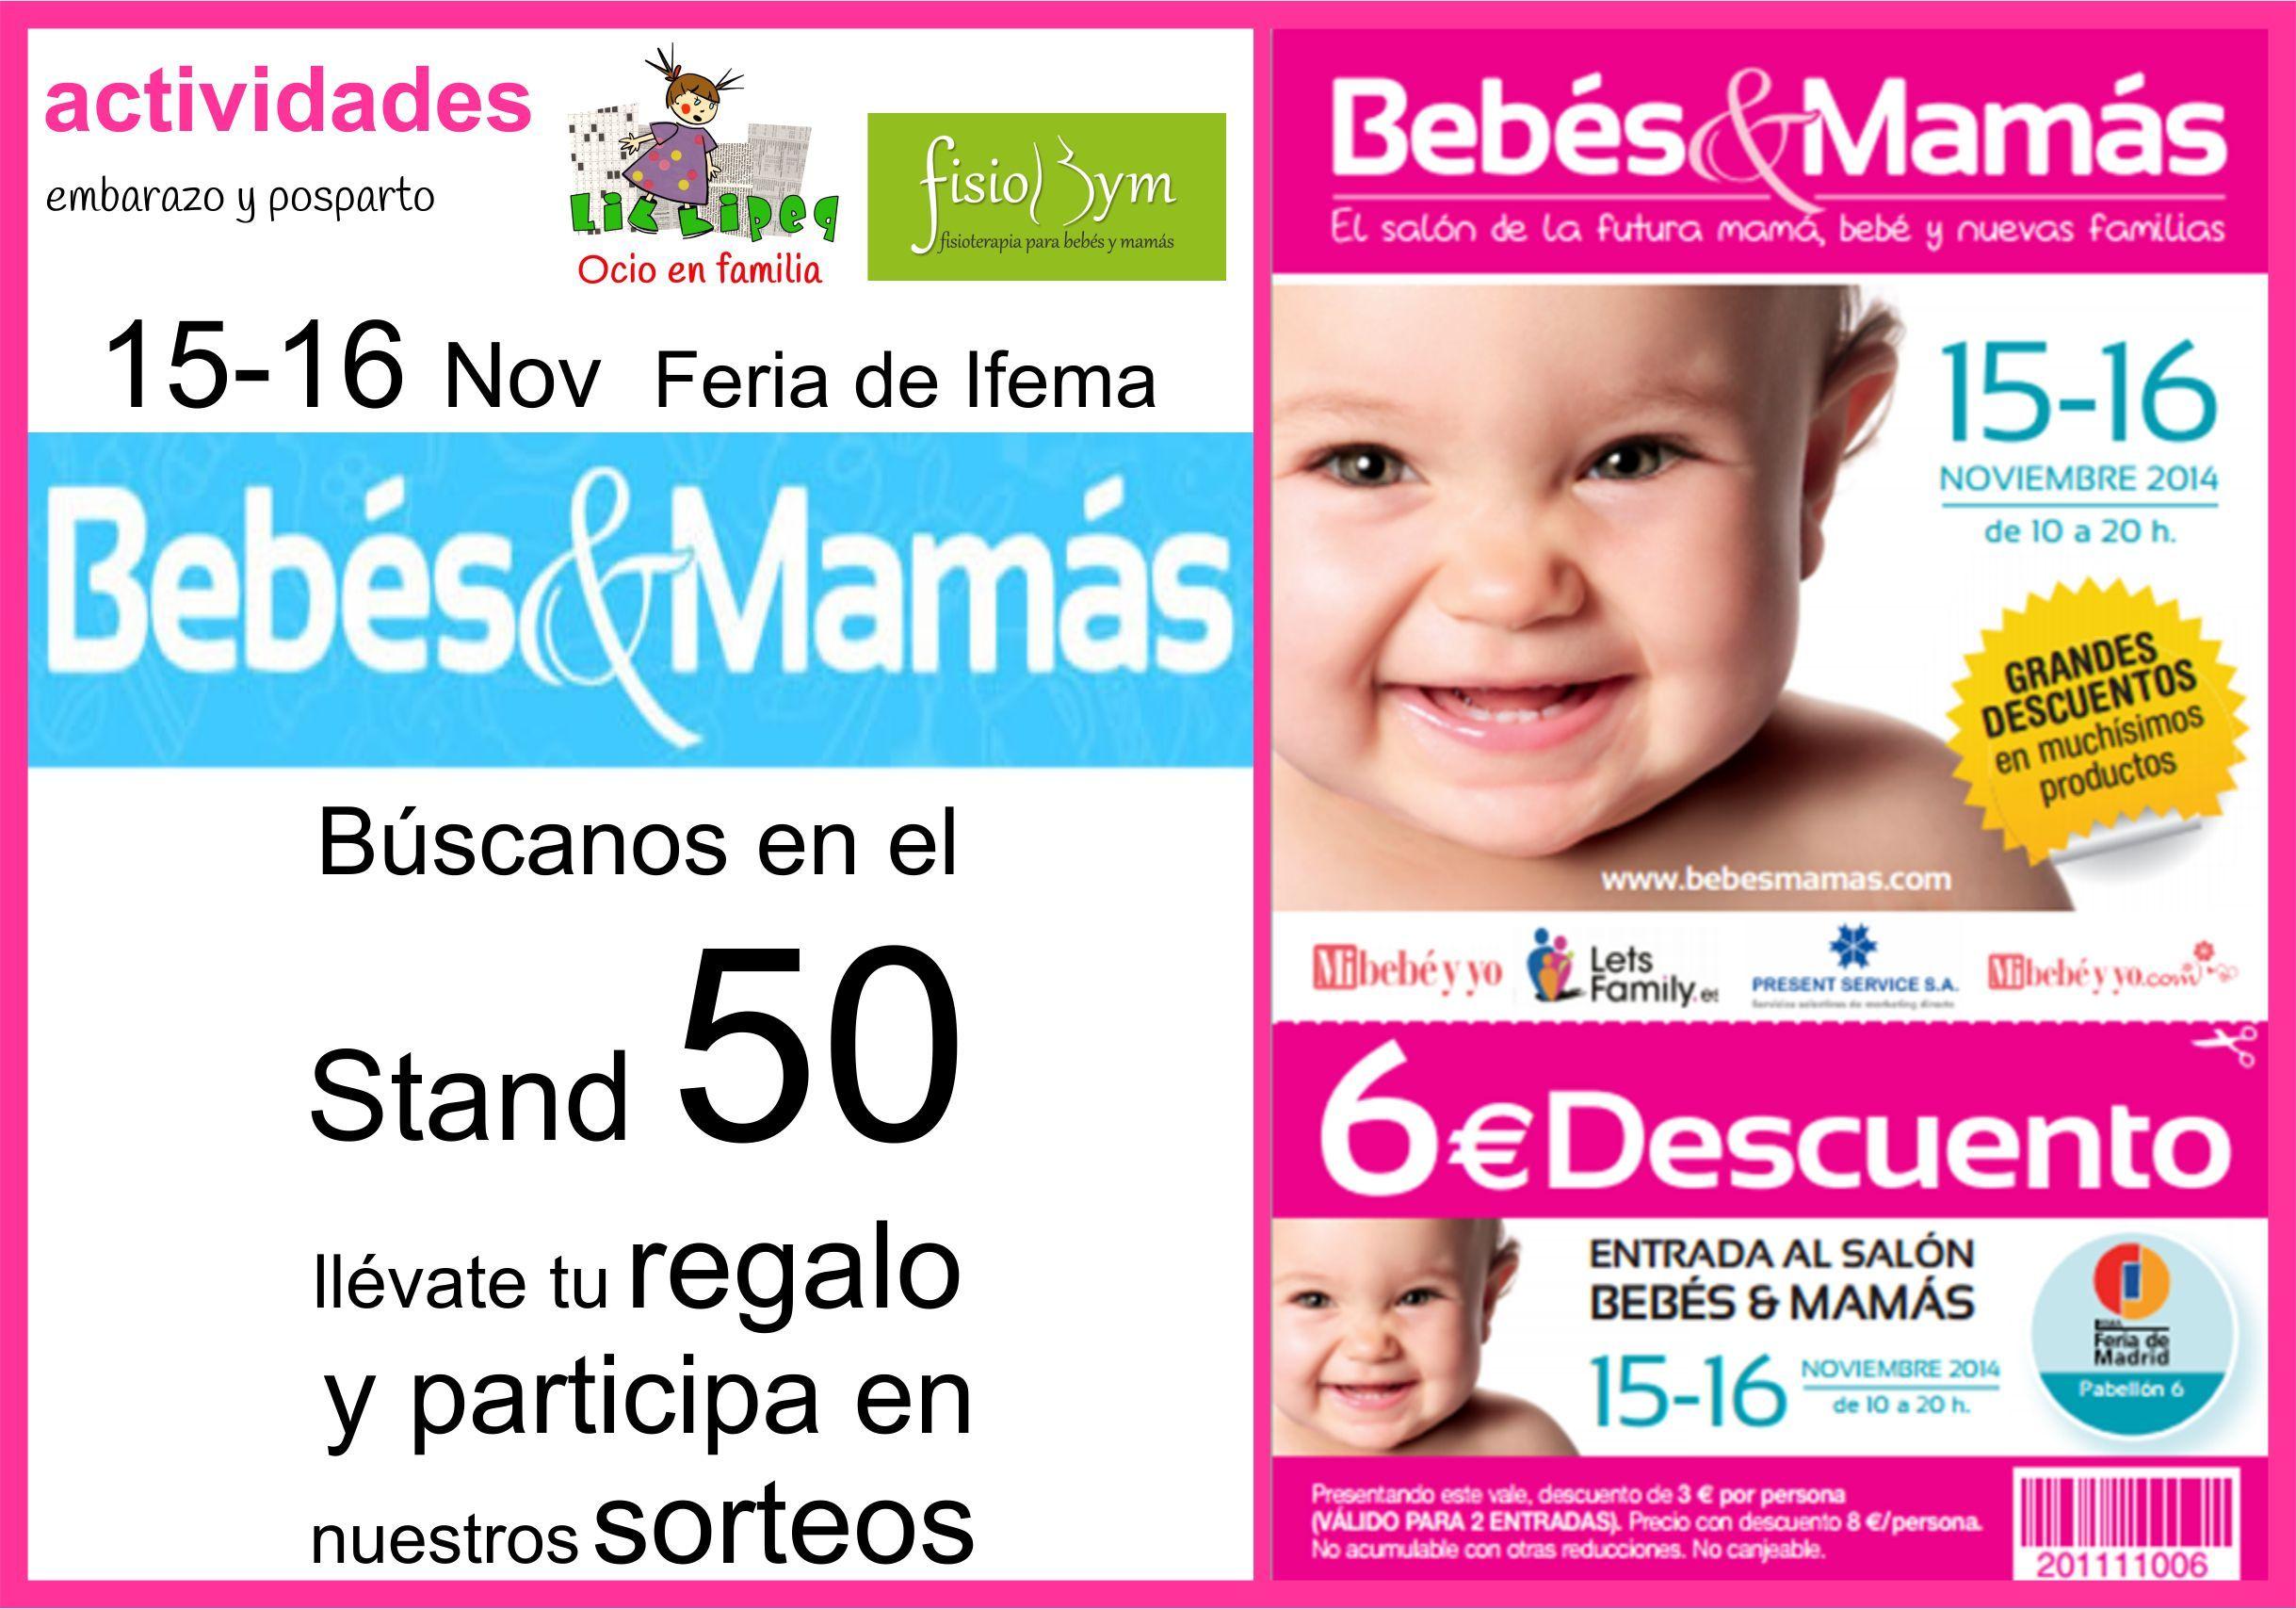 Colaboración Bebé a Bordo-Bezoya ¿quieres ganar una jornada en familia? Charlas, feria Ifema y más